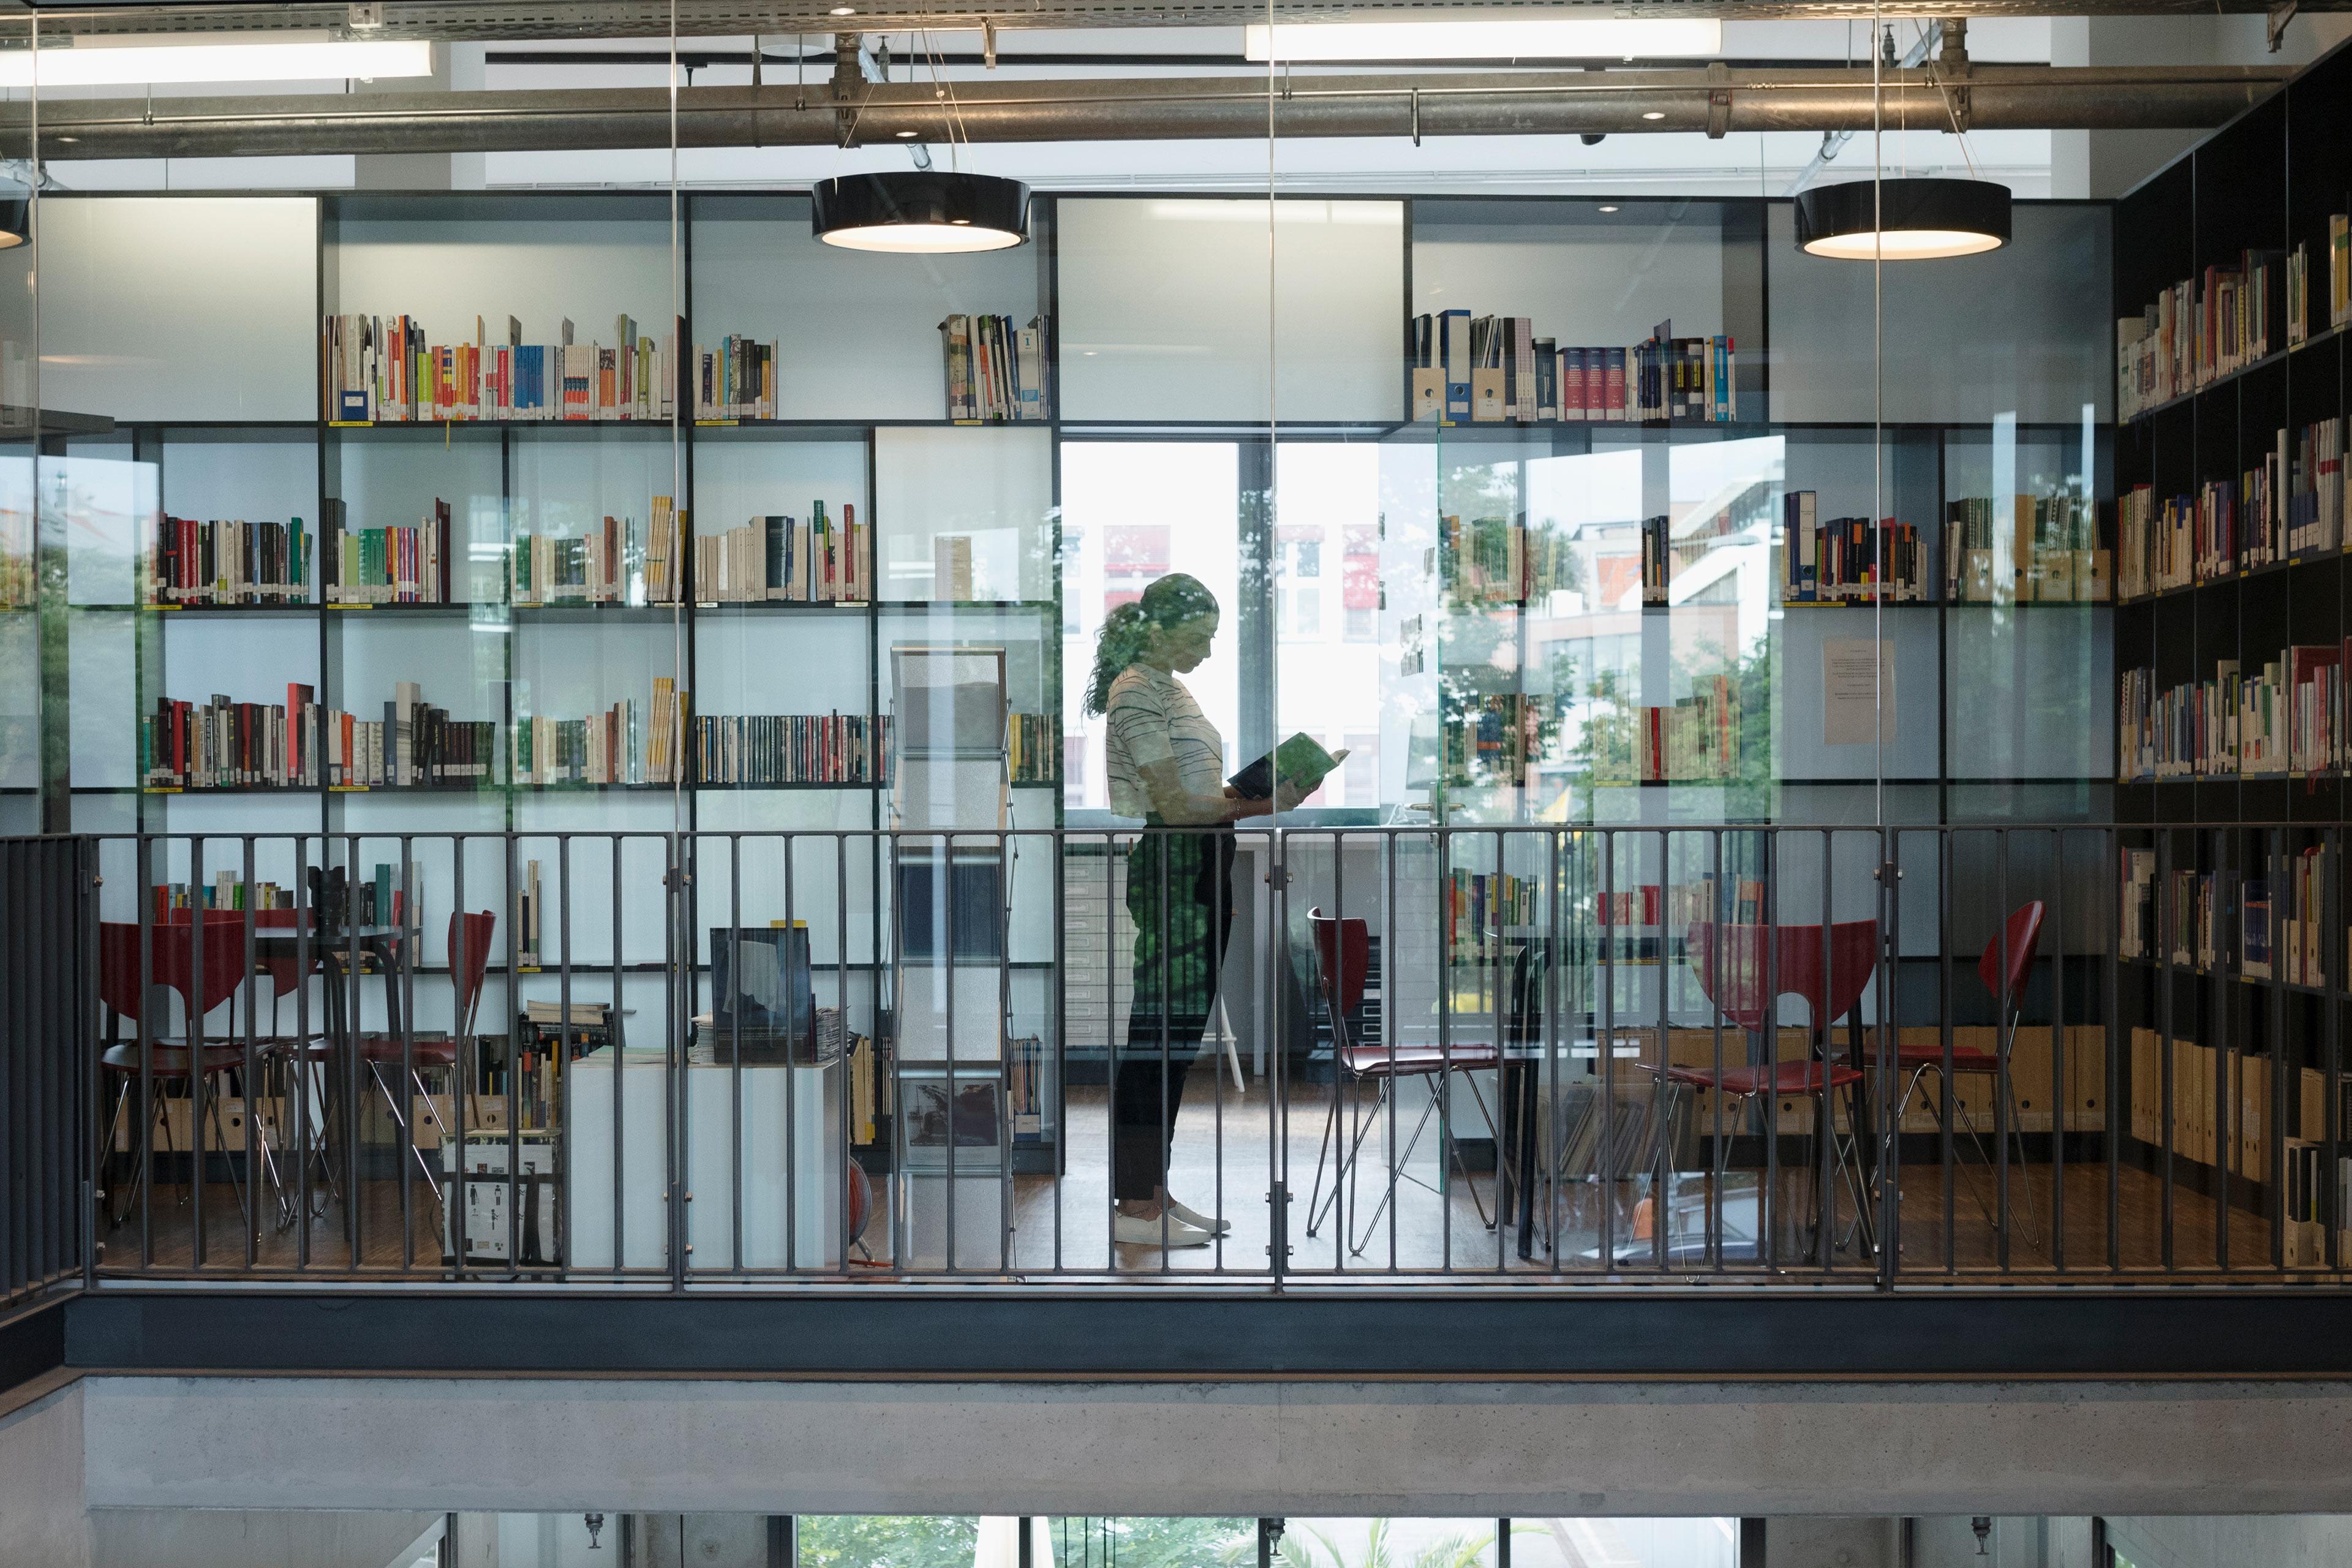 Frau in Bibliotheksraum – Fragen und Antworten zur Bewerbung bei EY